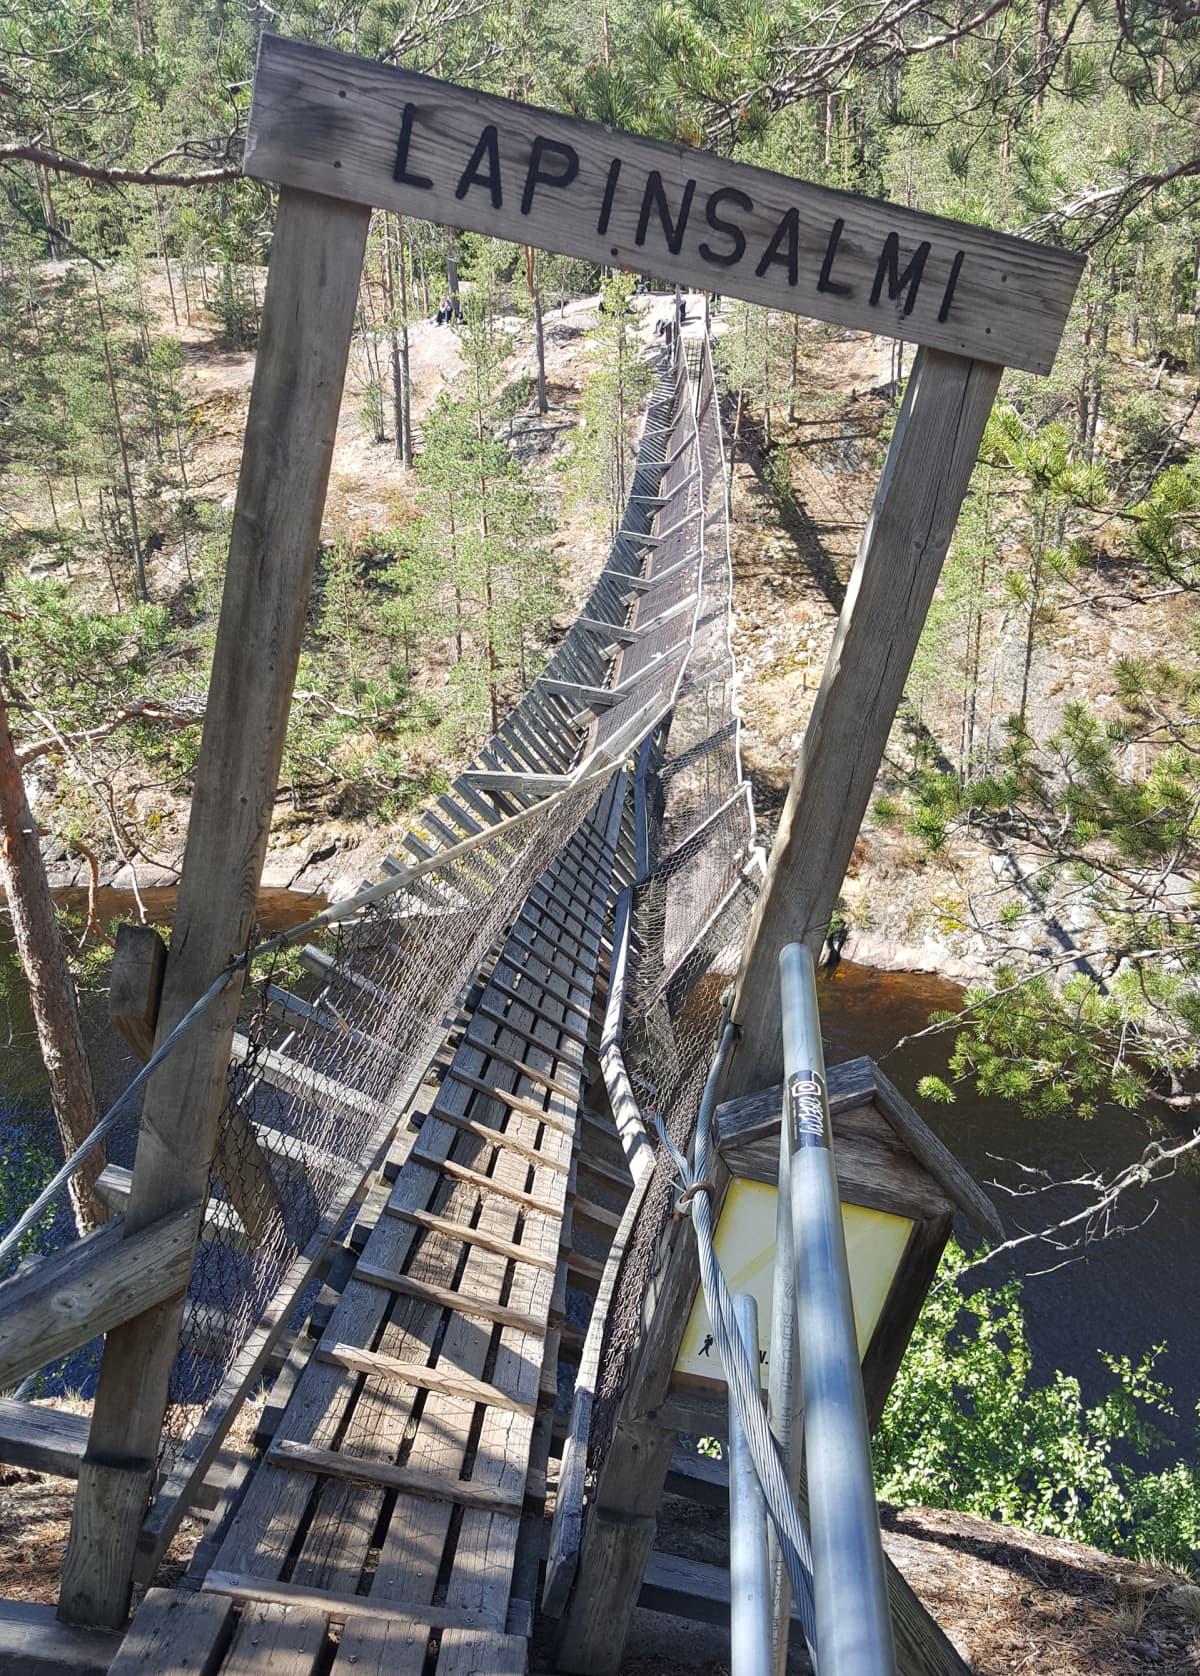 Repoveden kansallispuiston romahtanut riippusilta.